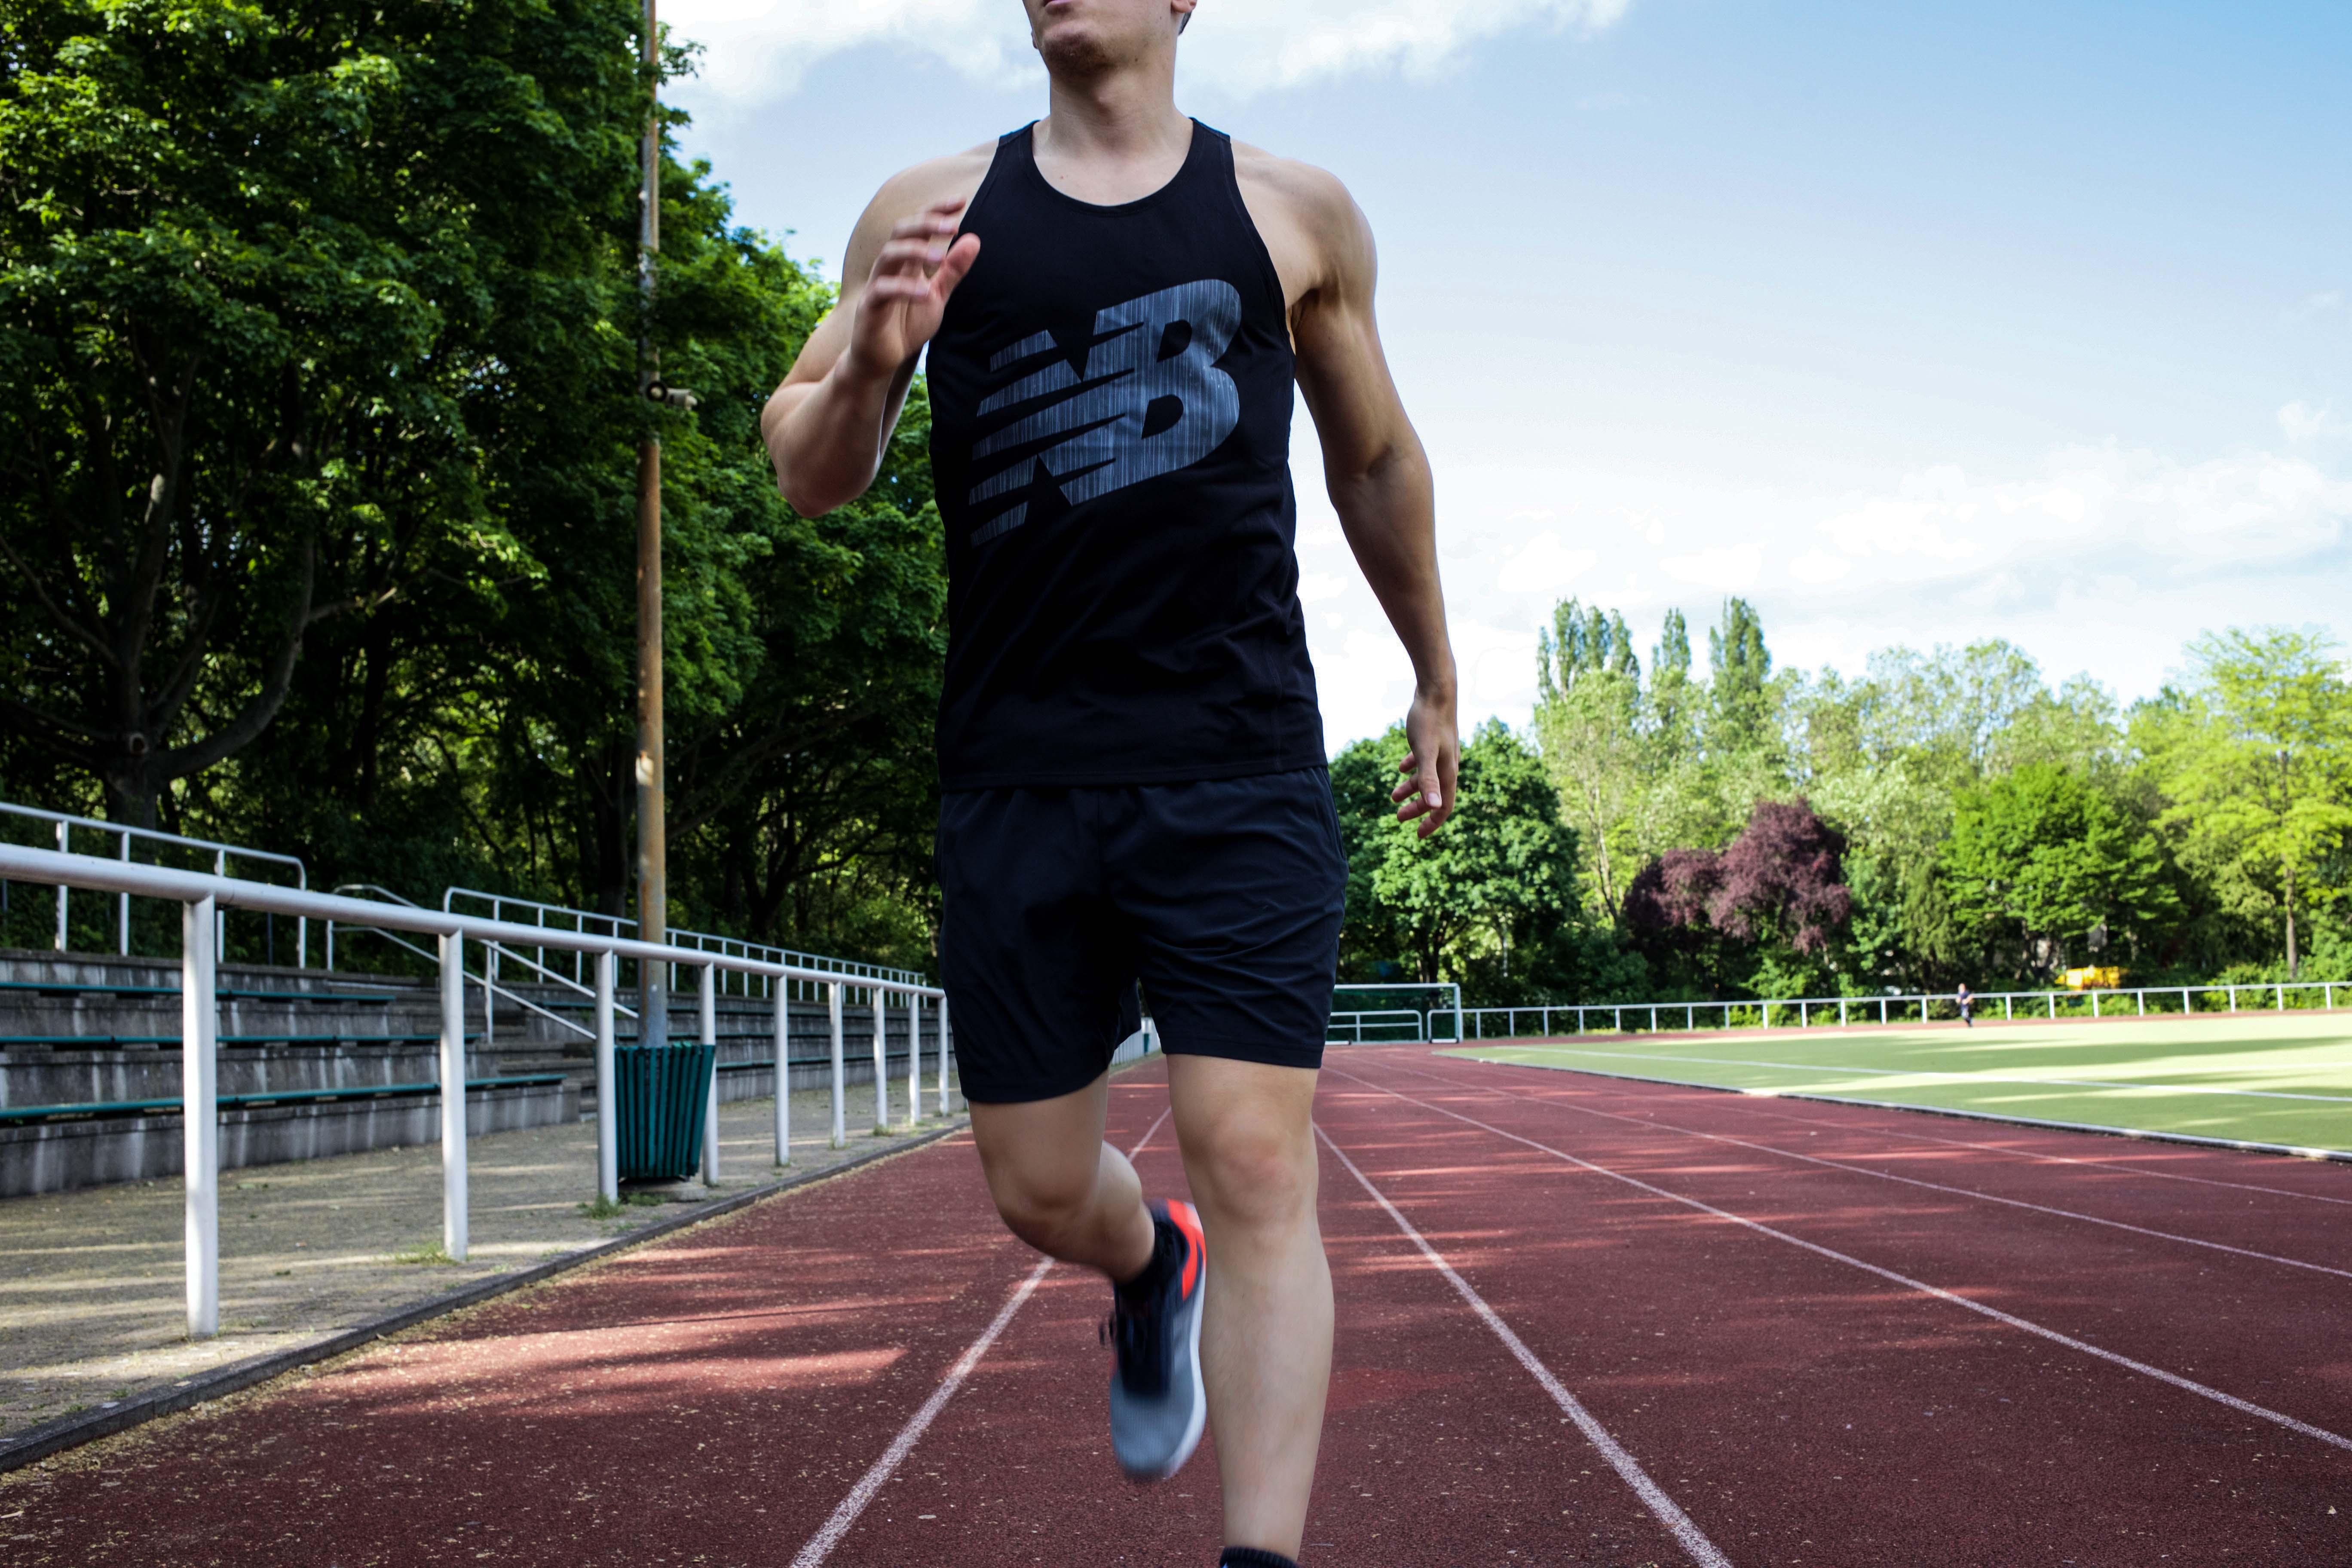 hiit-training-trainingsplan-hochintensives-intervalltraining-vorteile-fitness-sport-ausdauer-abnehmen_6144